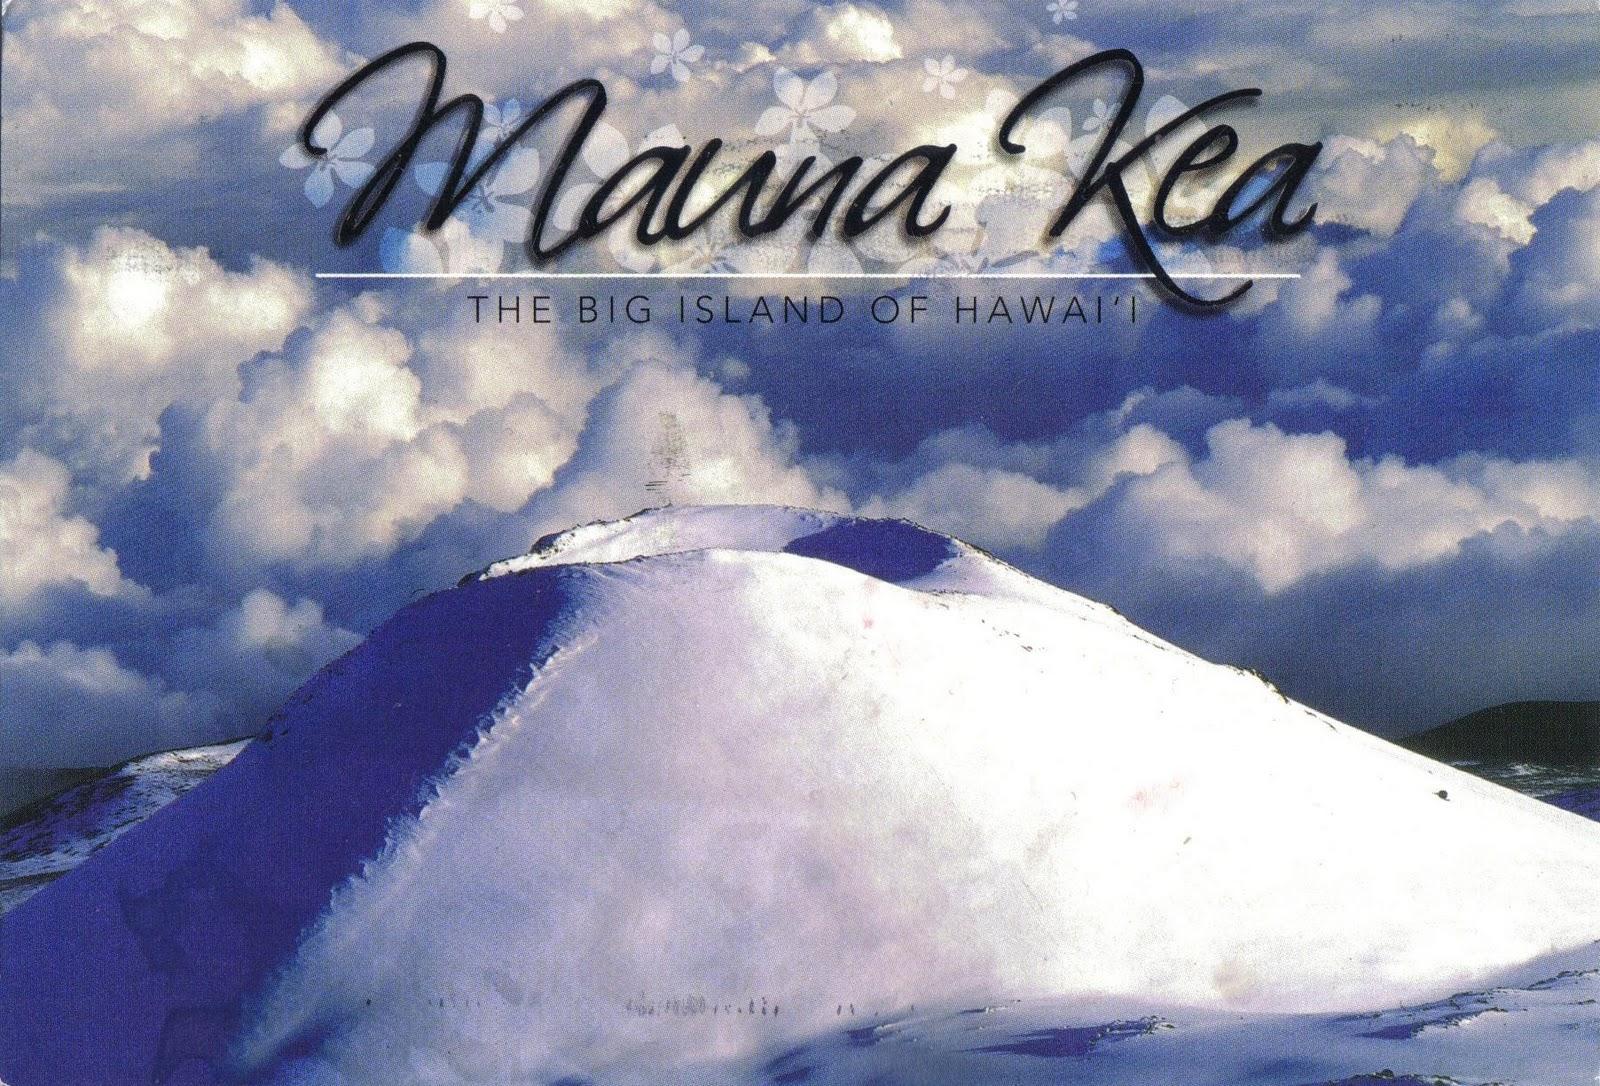 Signos preocupantes de actividad del Mauna Loa, en Hawai, el volcán activo más grande del mundo Hawaii_Mauna_Kea